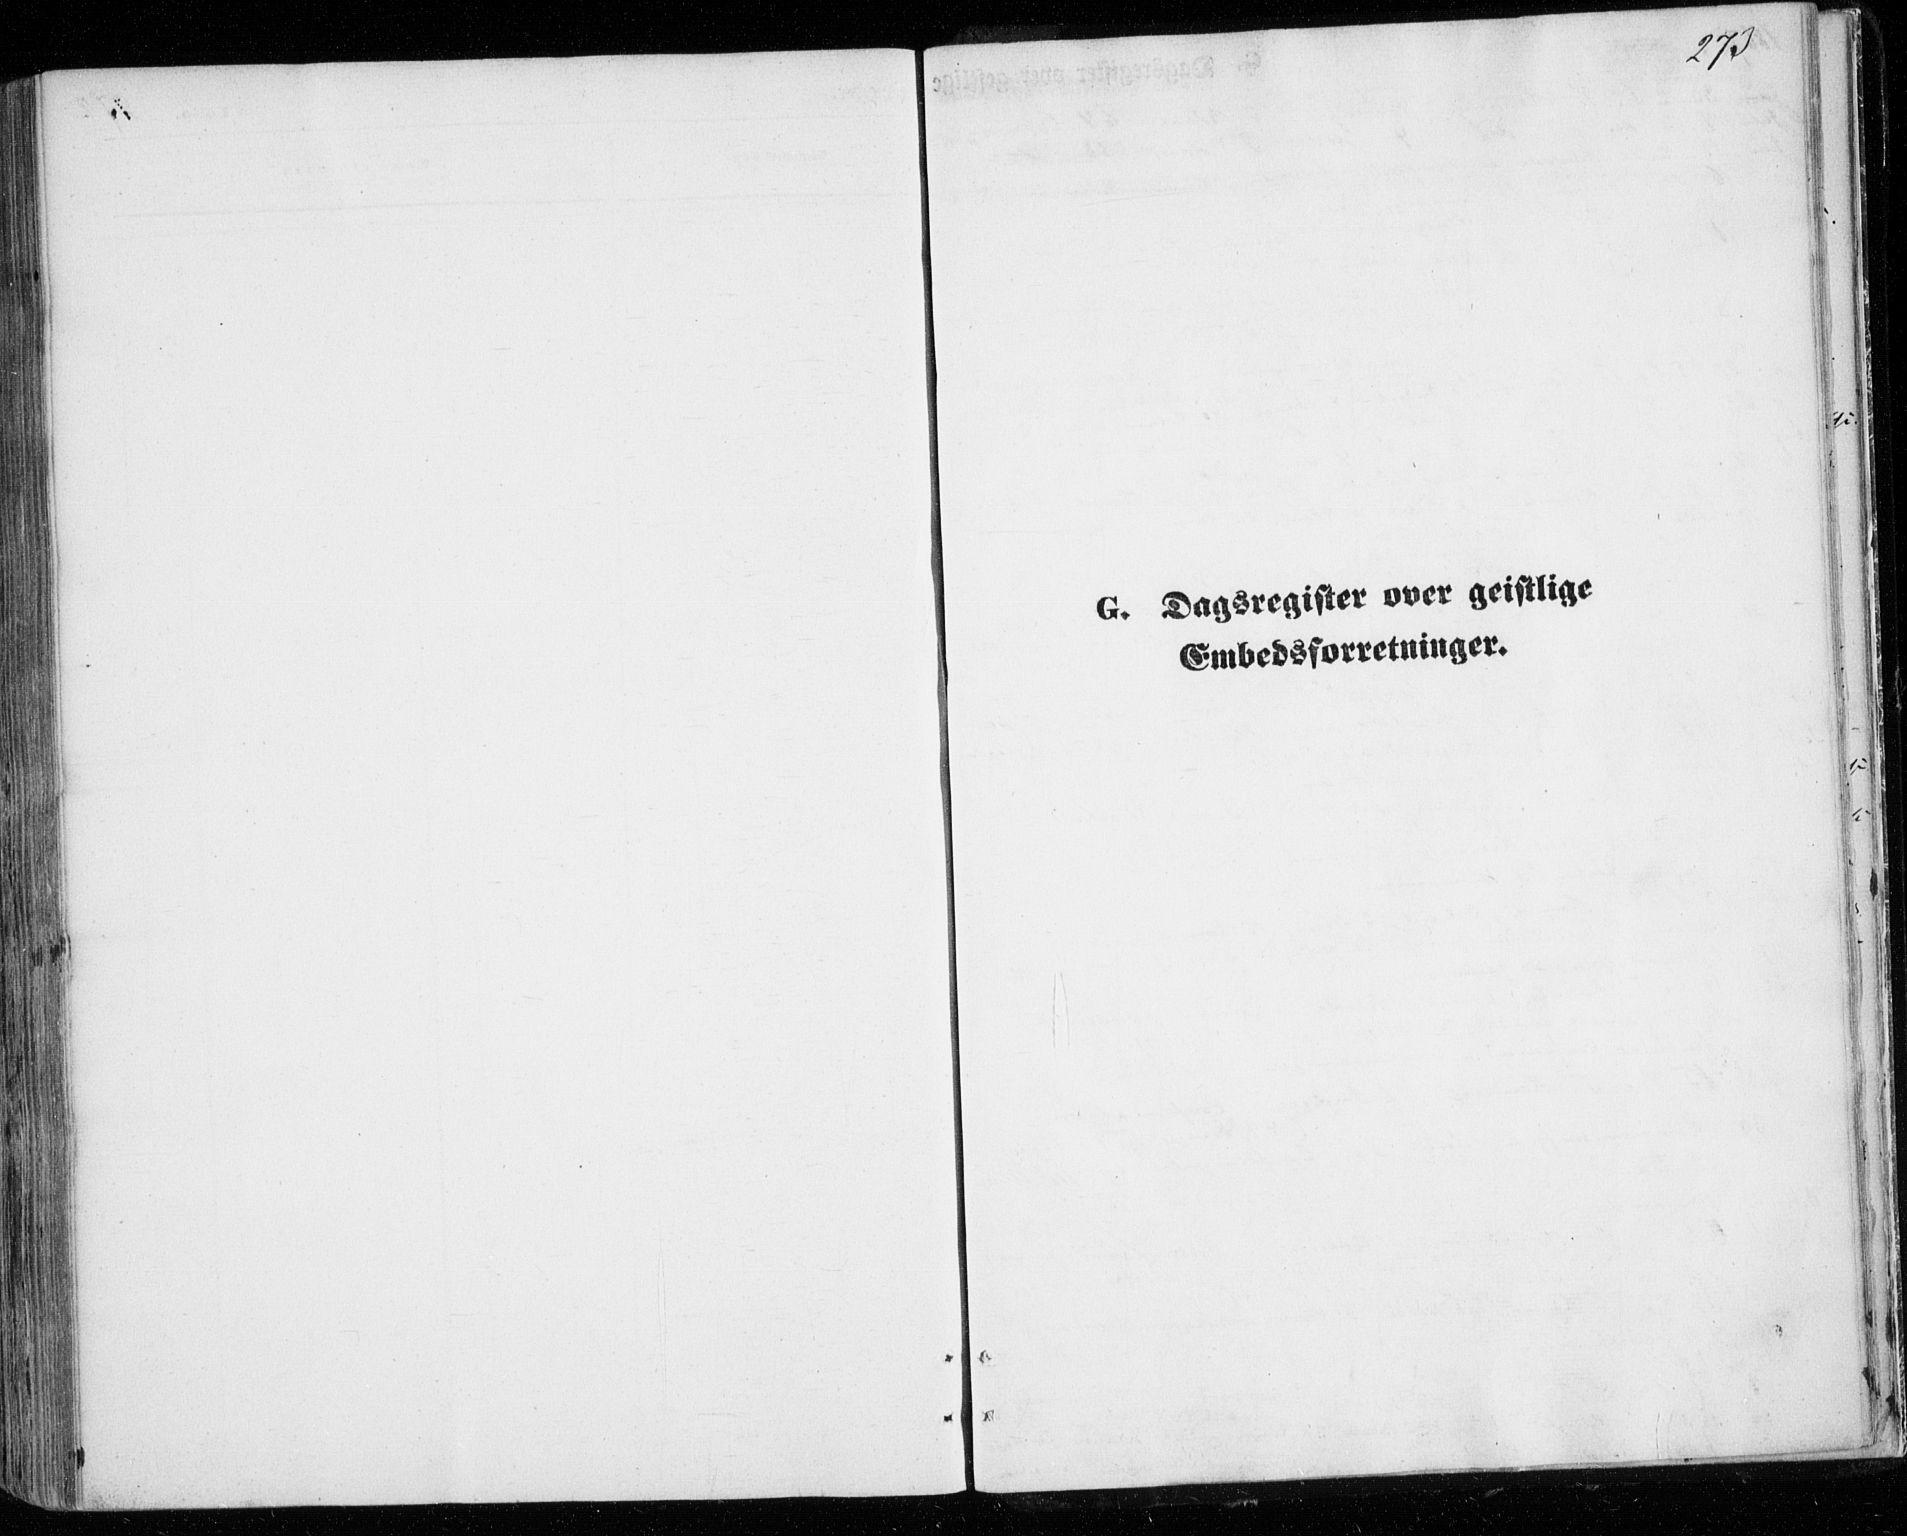 SATØ, Tromsøysund sokneprestkontor, G/Ga/L0002kirke: Ministerialbok nr. 2, 1867-1875, s. 273